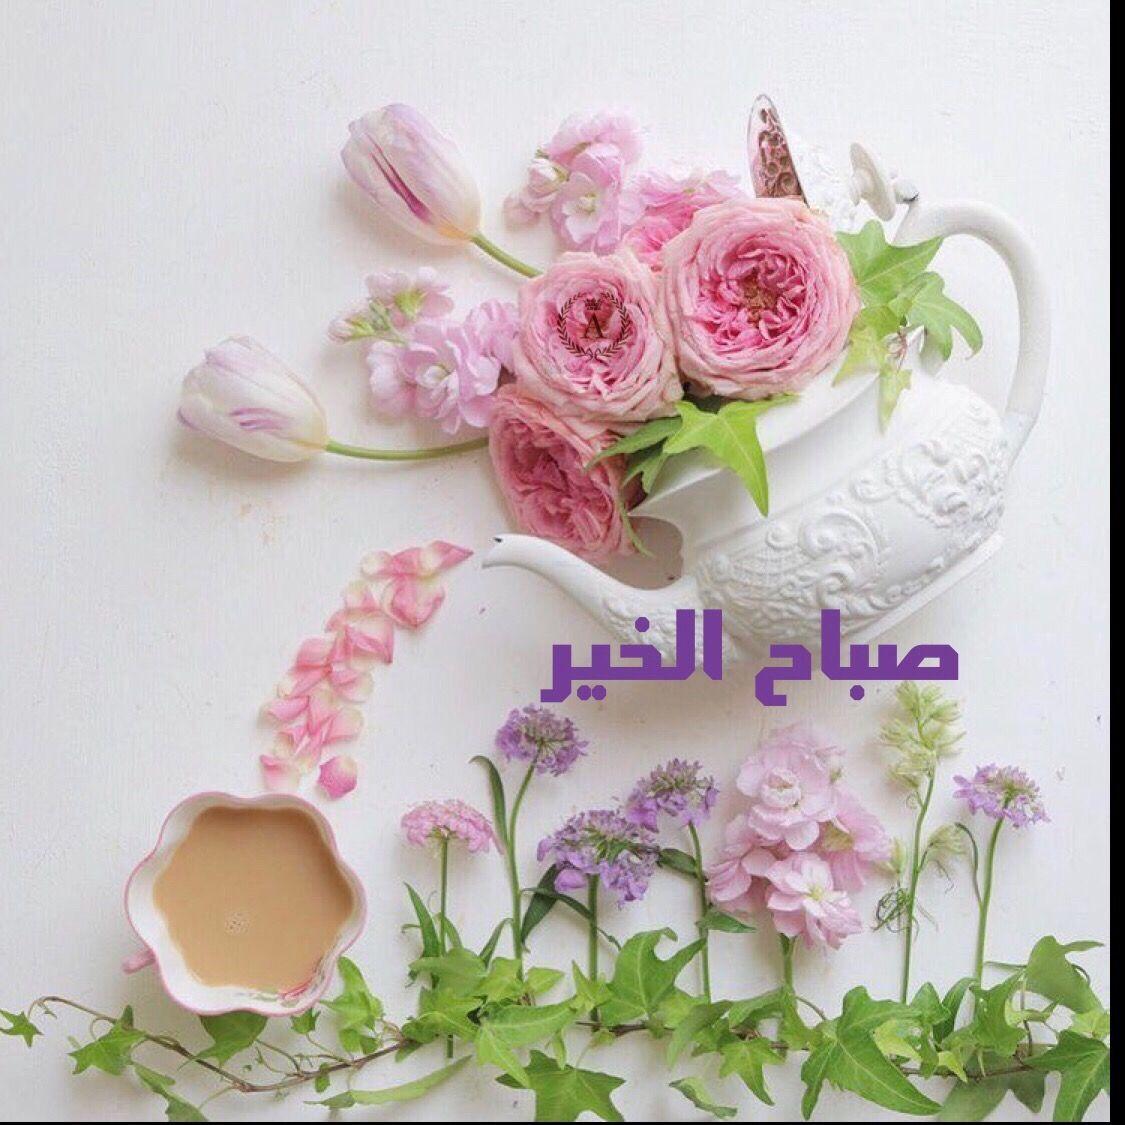 بالصور صورصباح الخير جديده , اجمل صور صباح الخير 3449 3